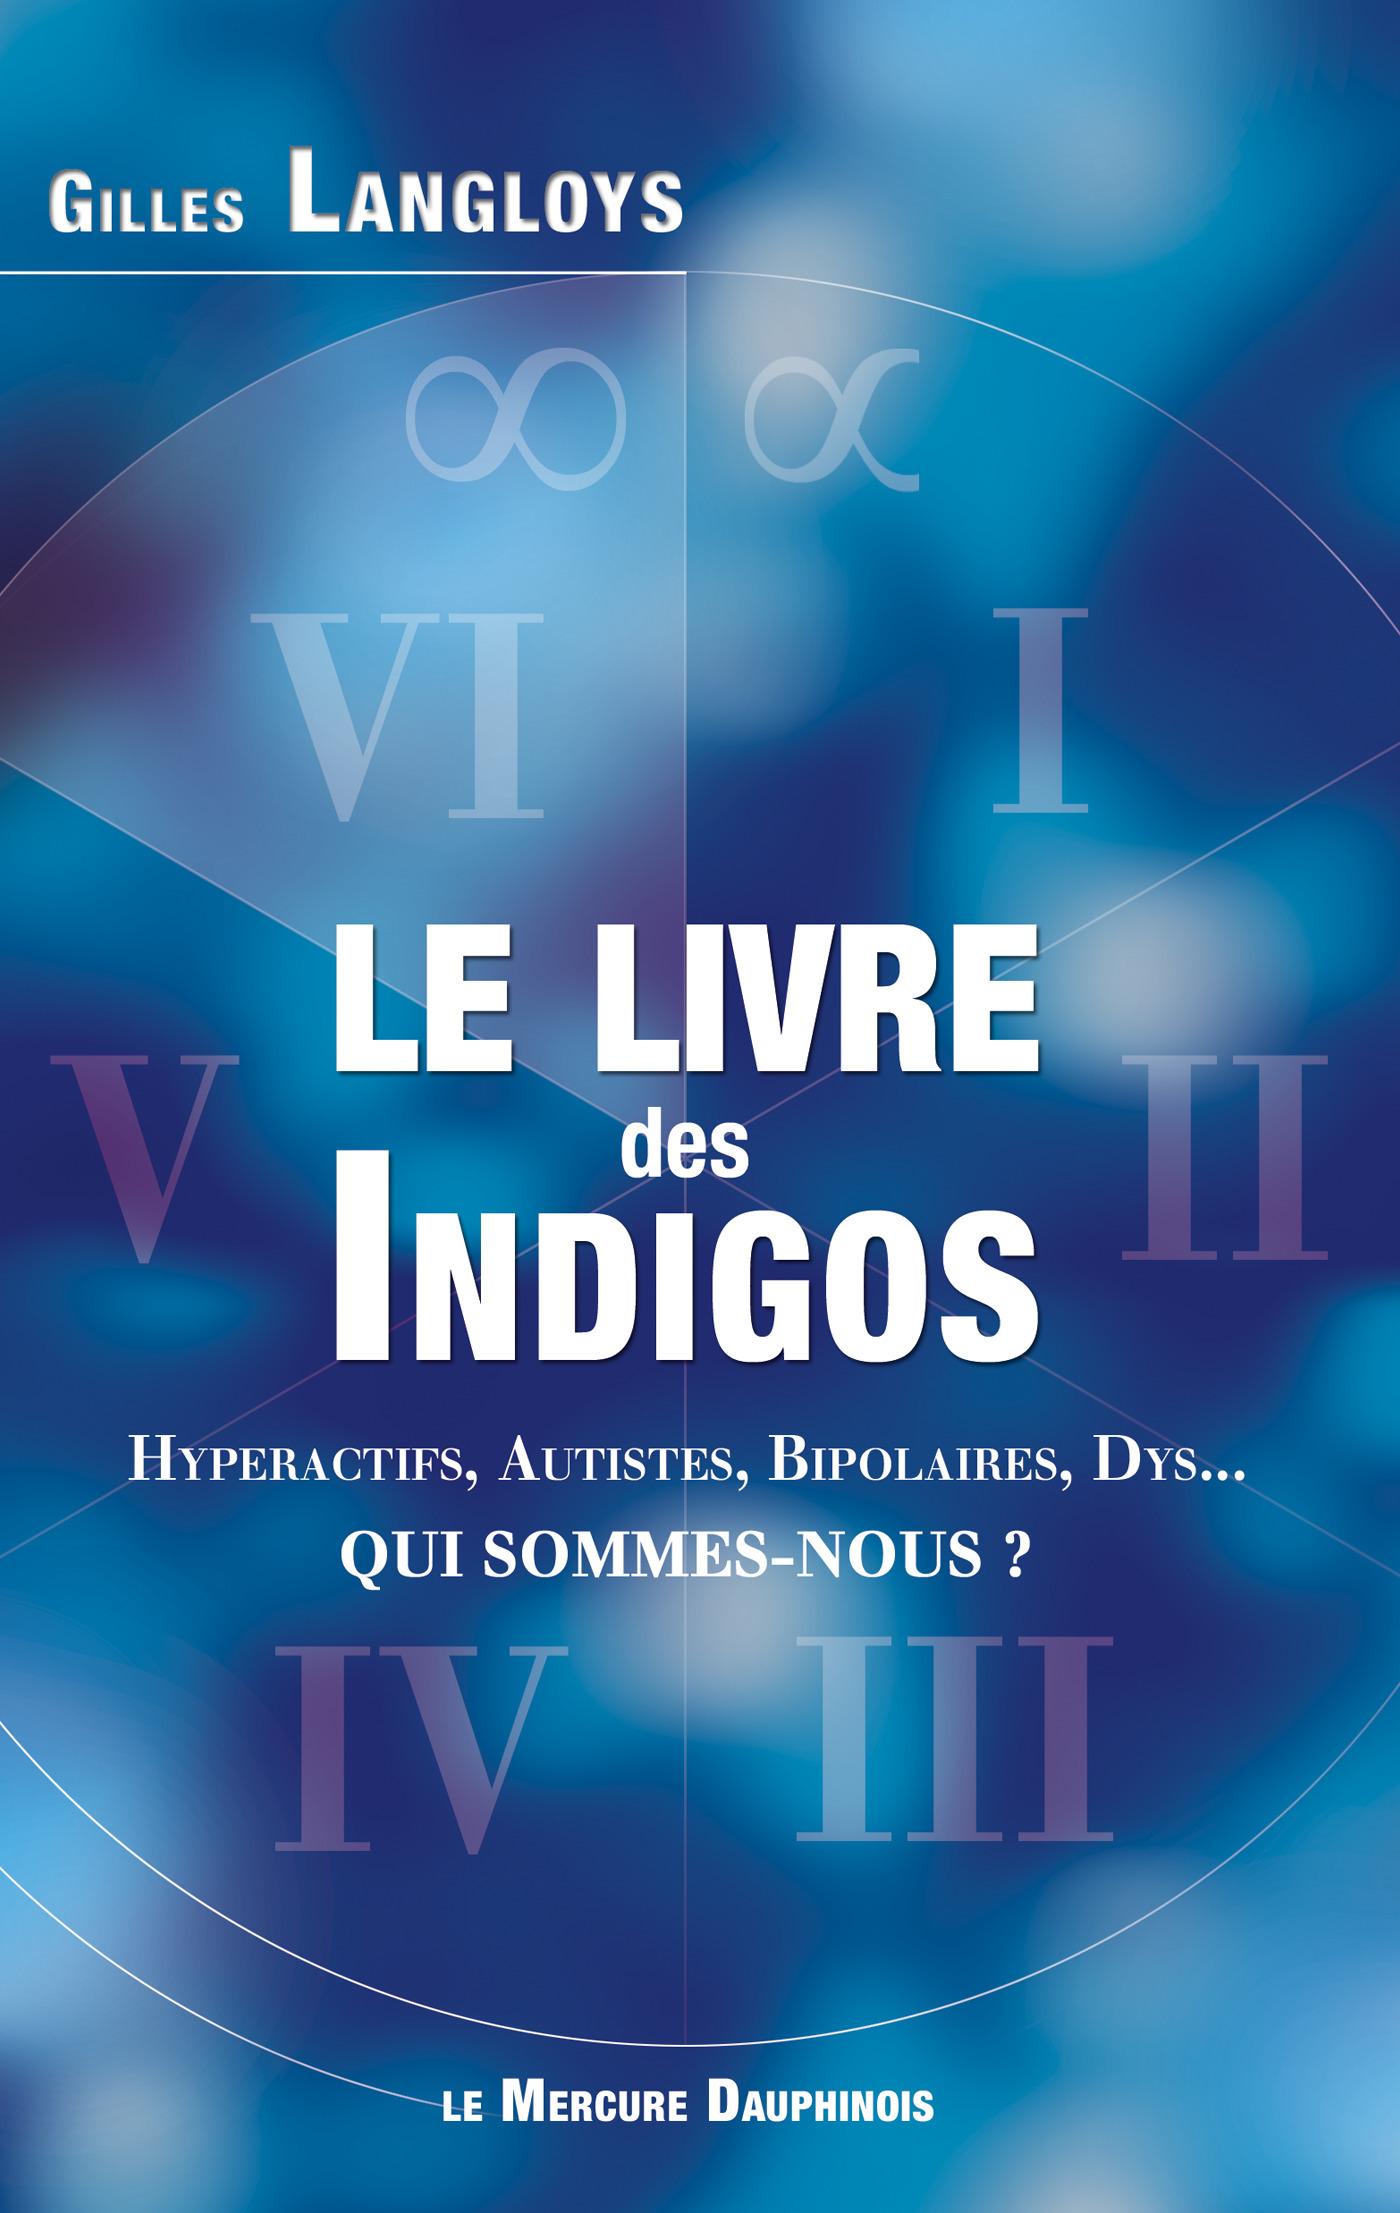 le livre des indigos : hyperactifs, autistes, bipolaires, dys... qui sommes-nous ?